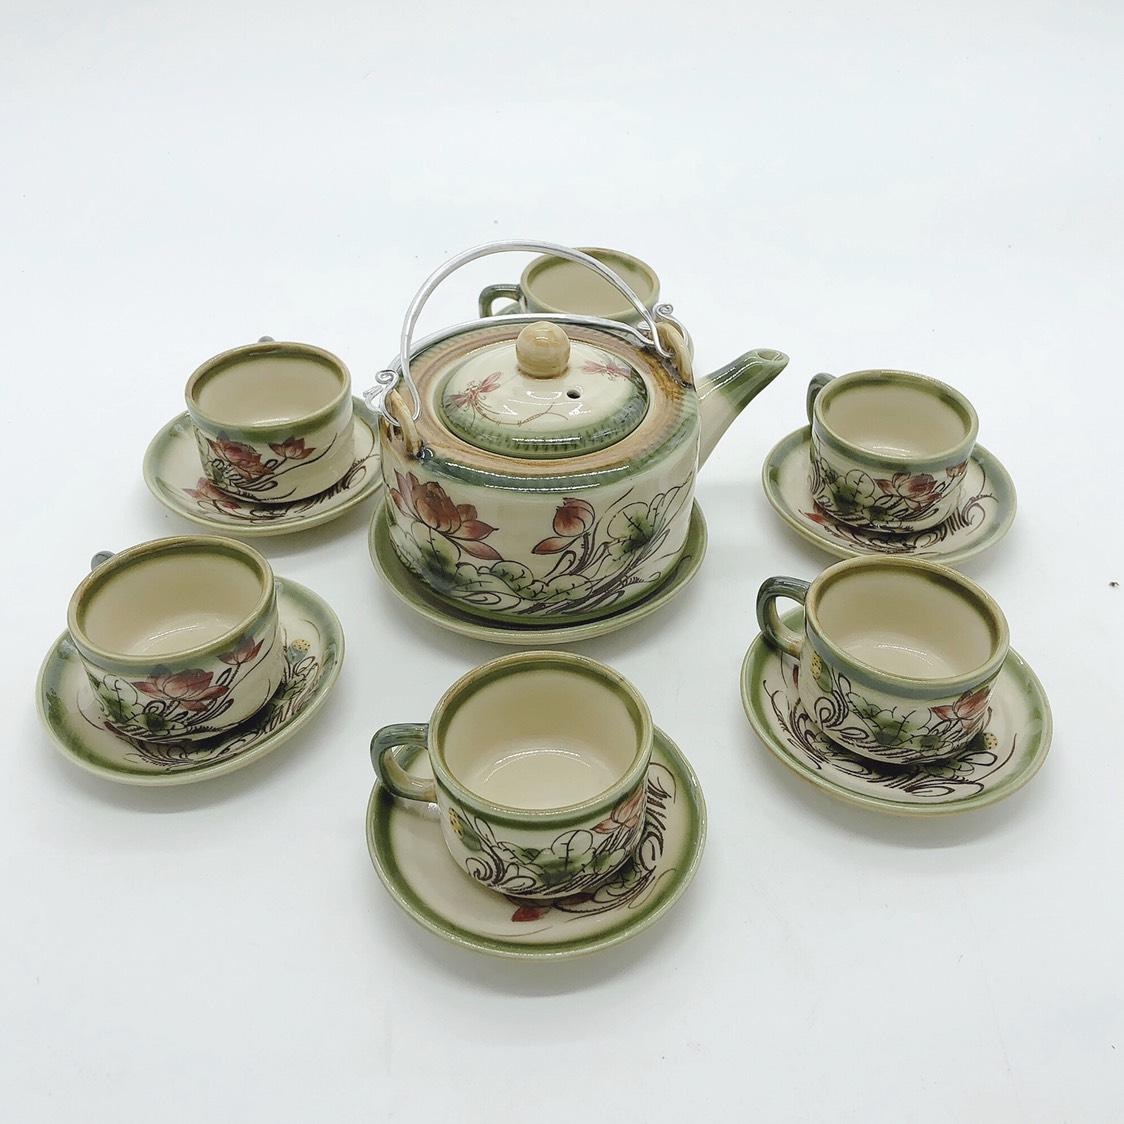 Bộ ấm chén/ Bộ bình trà men da lươn vẽ sen (dáng ấm vuông)